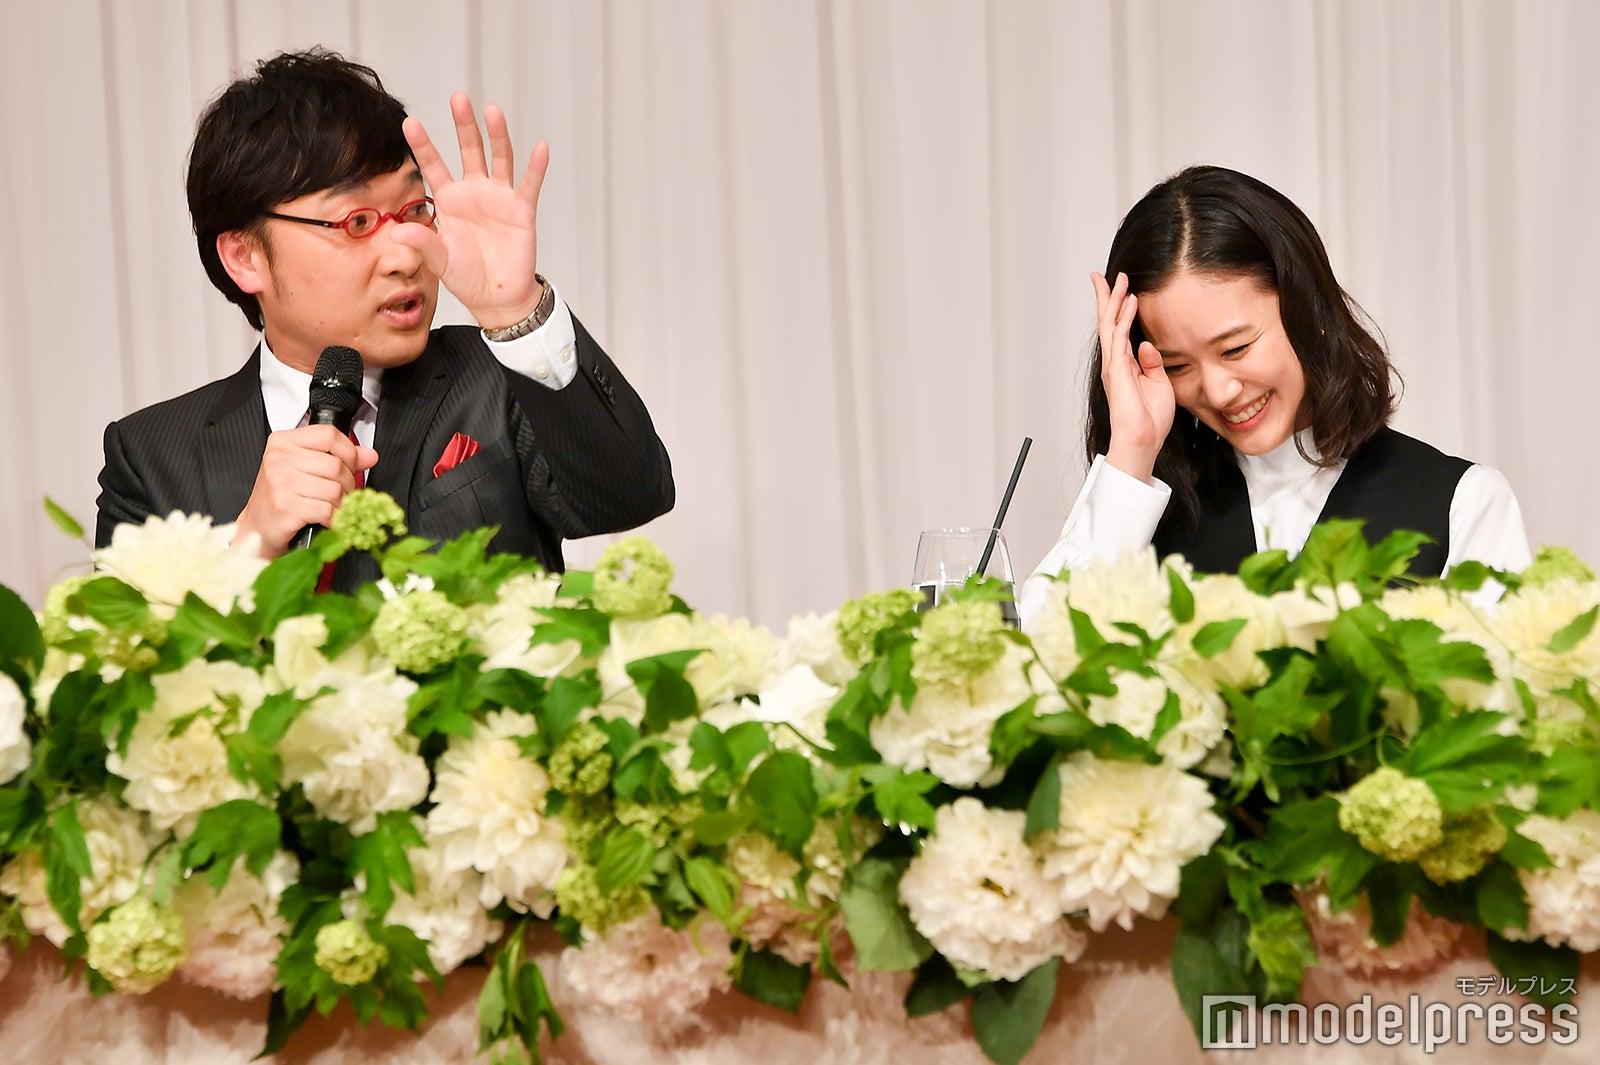 <南キャン山里亮太&蒼井優、結婚会見一問一答/後編>土手デートで愛を育んだ?初デートの様子を明かす